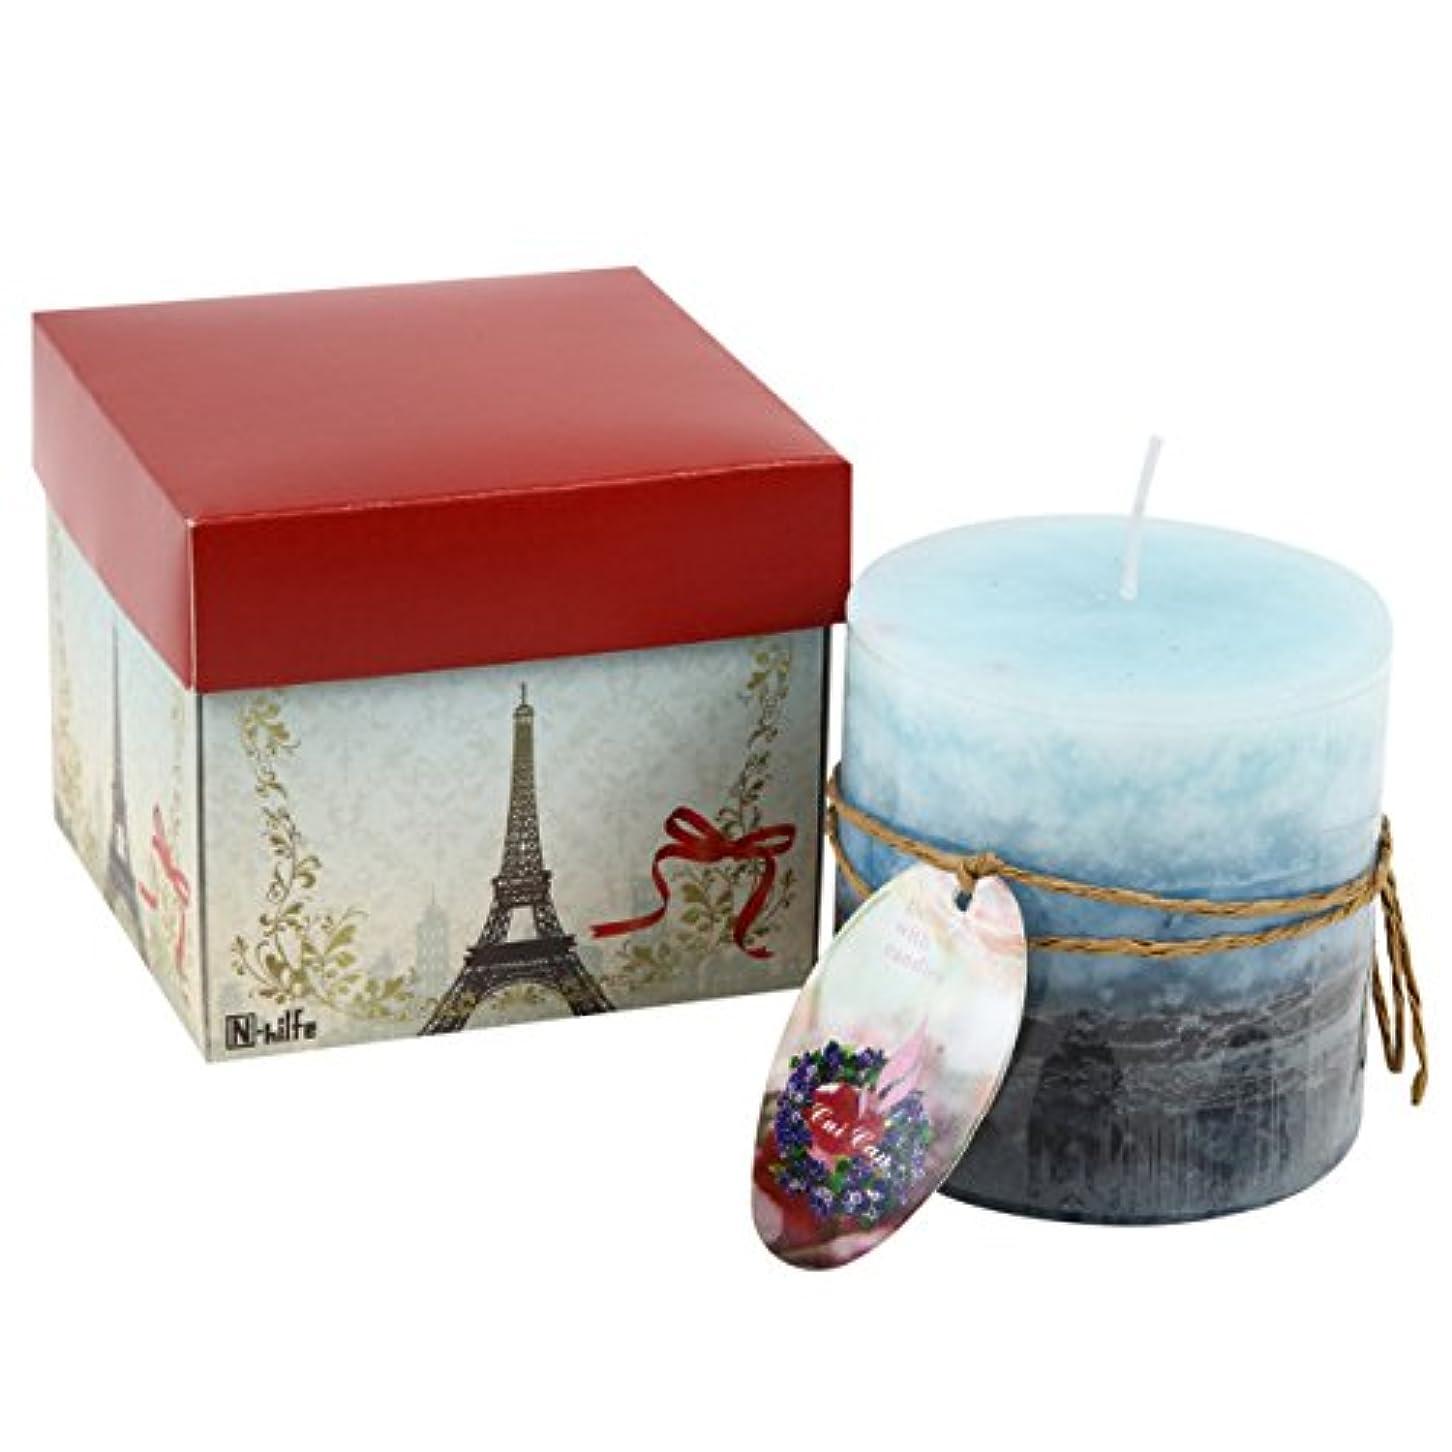 困惑する誘惑しわN-hilfe キャンドル 7.5x7.5cm 蝋燭 アロマキャンドル (ビーチ,青)